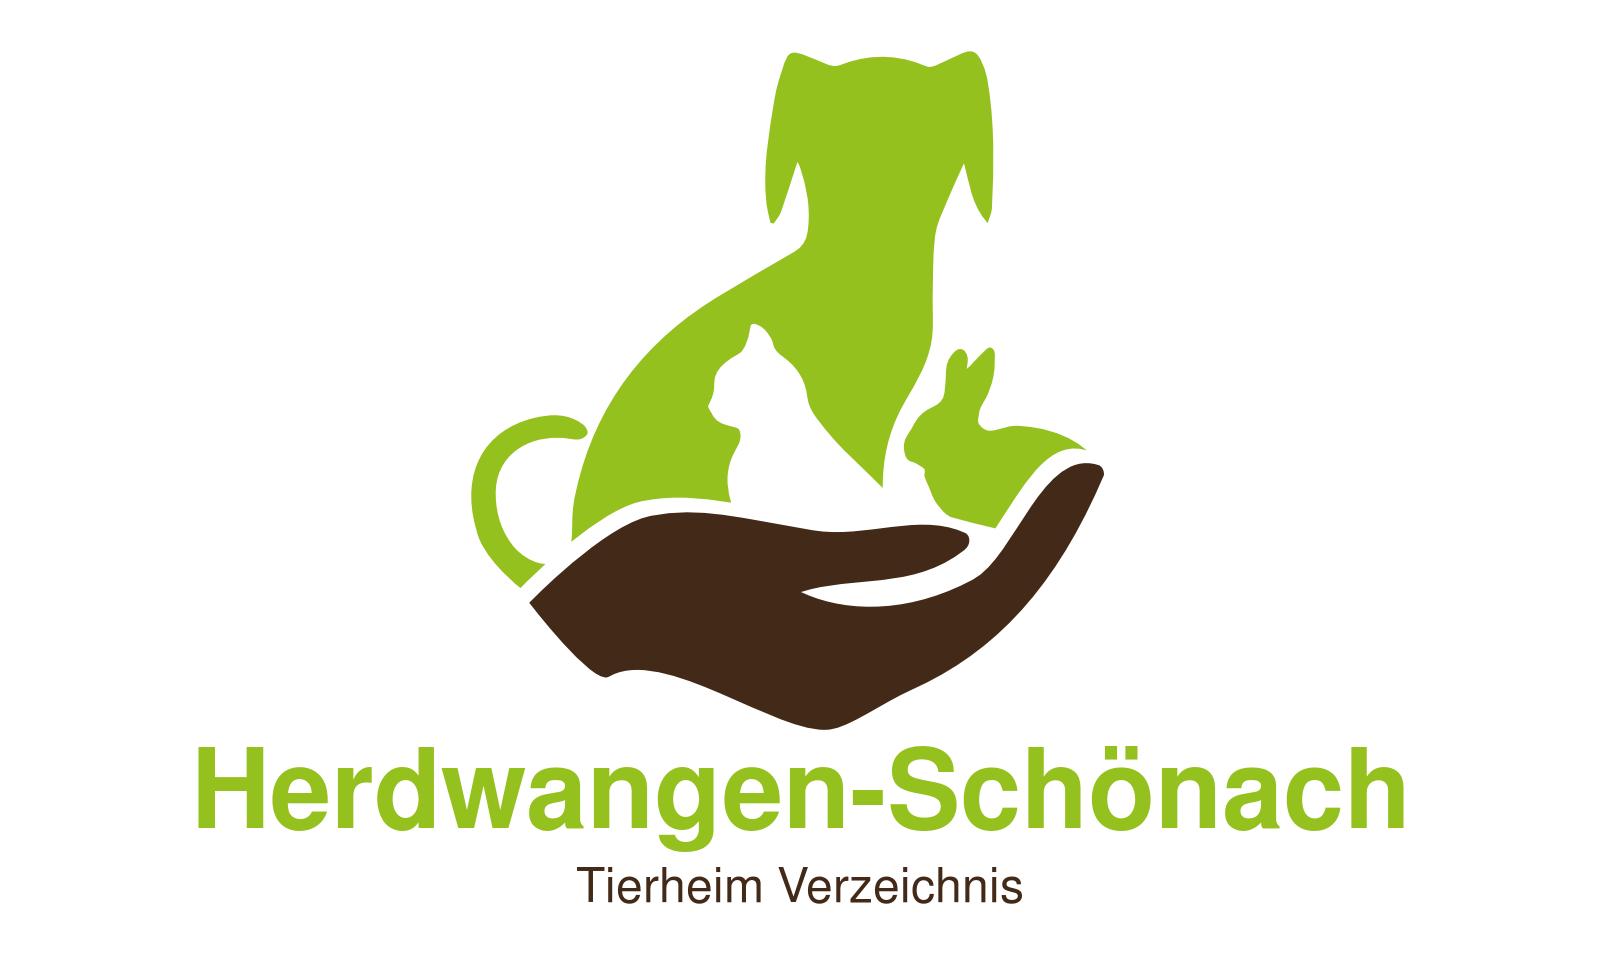 Tierheim Herdwangen-Schönach